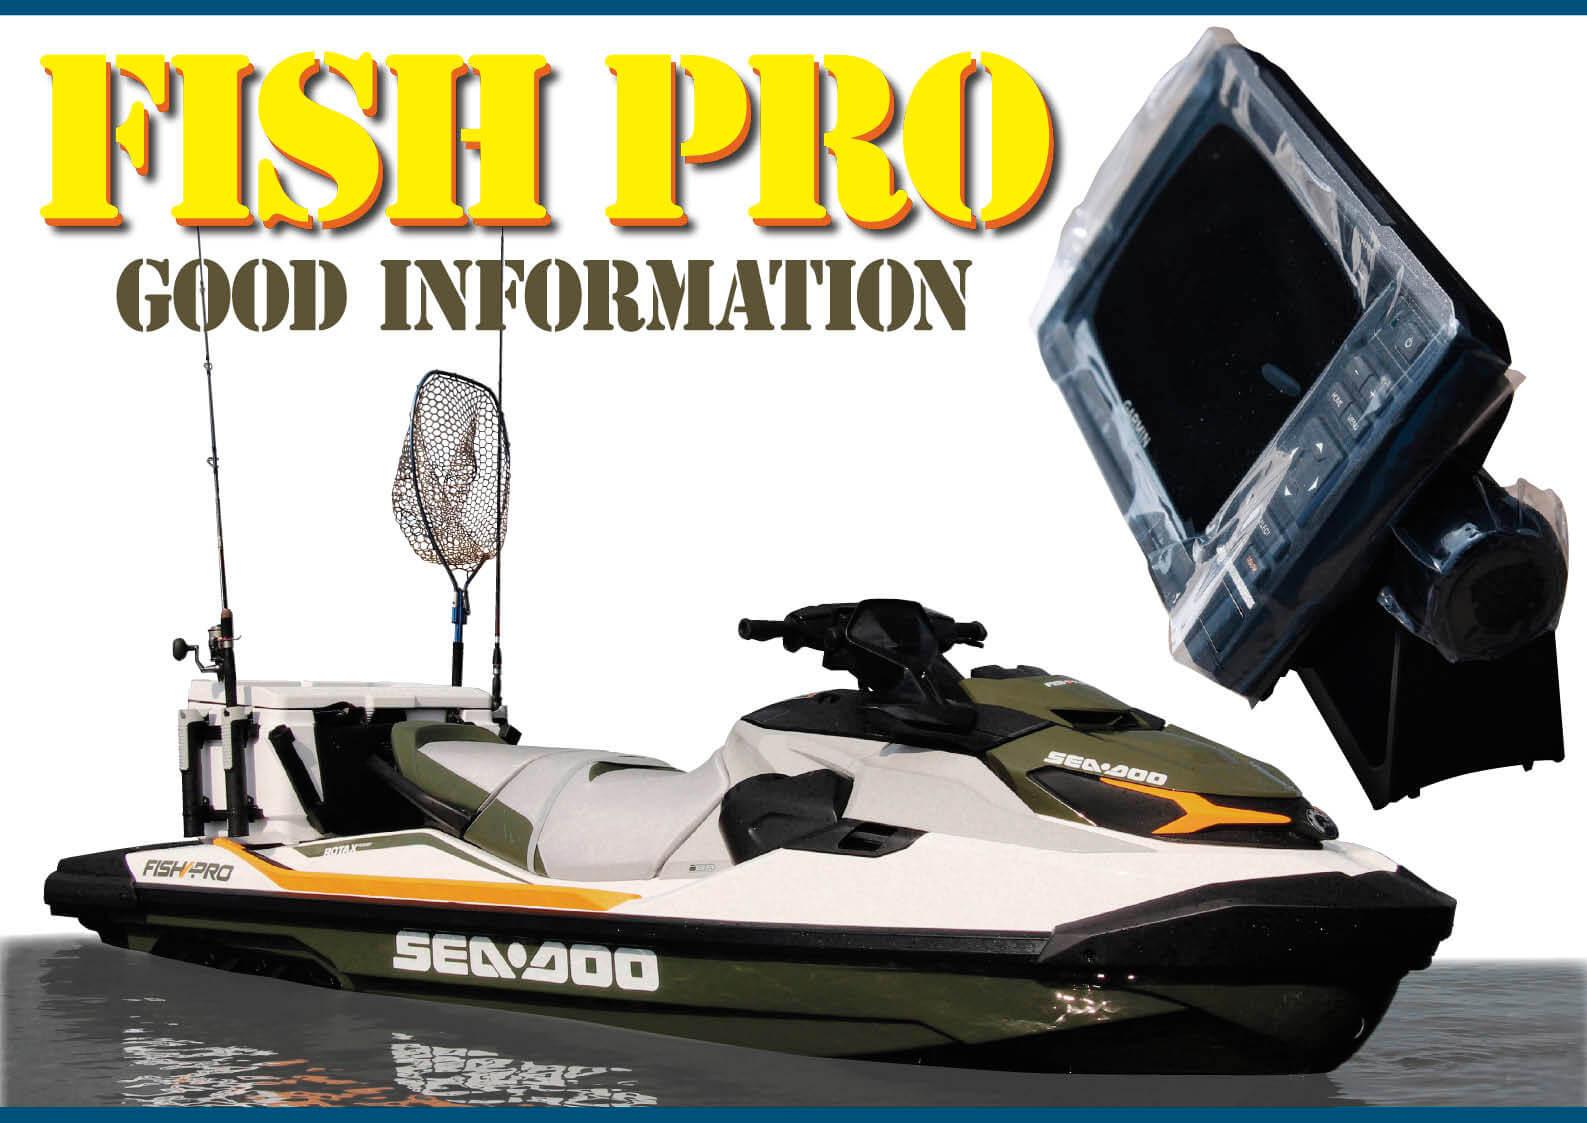 シードゥFISH PROの魚群探知機 何で日本語がないの? と思った方に朗報! ジェットスキー(水上バイク)